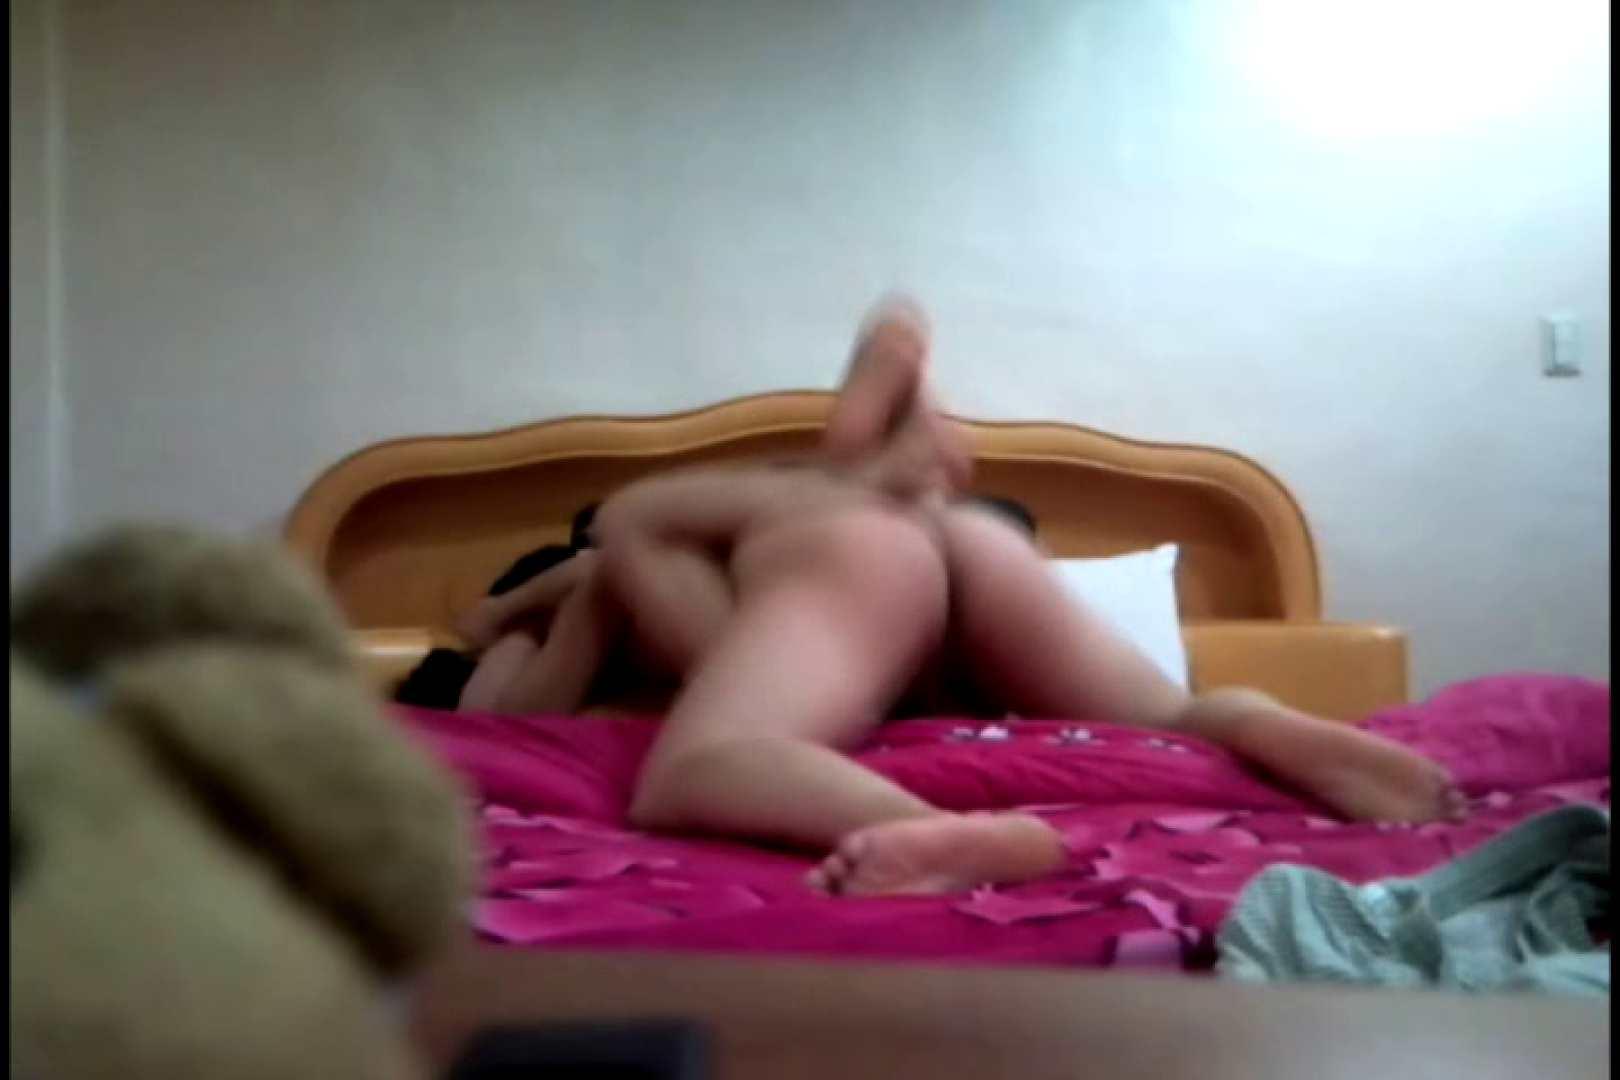 コリアン素人流出シリーズ ラブホテル隠し撮り ラブホテル | ホテル  46連発 13